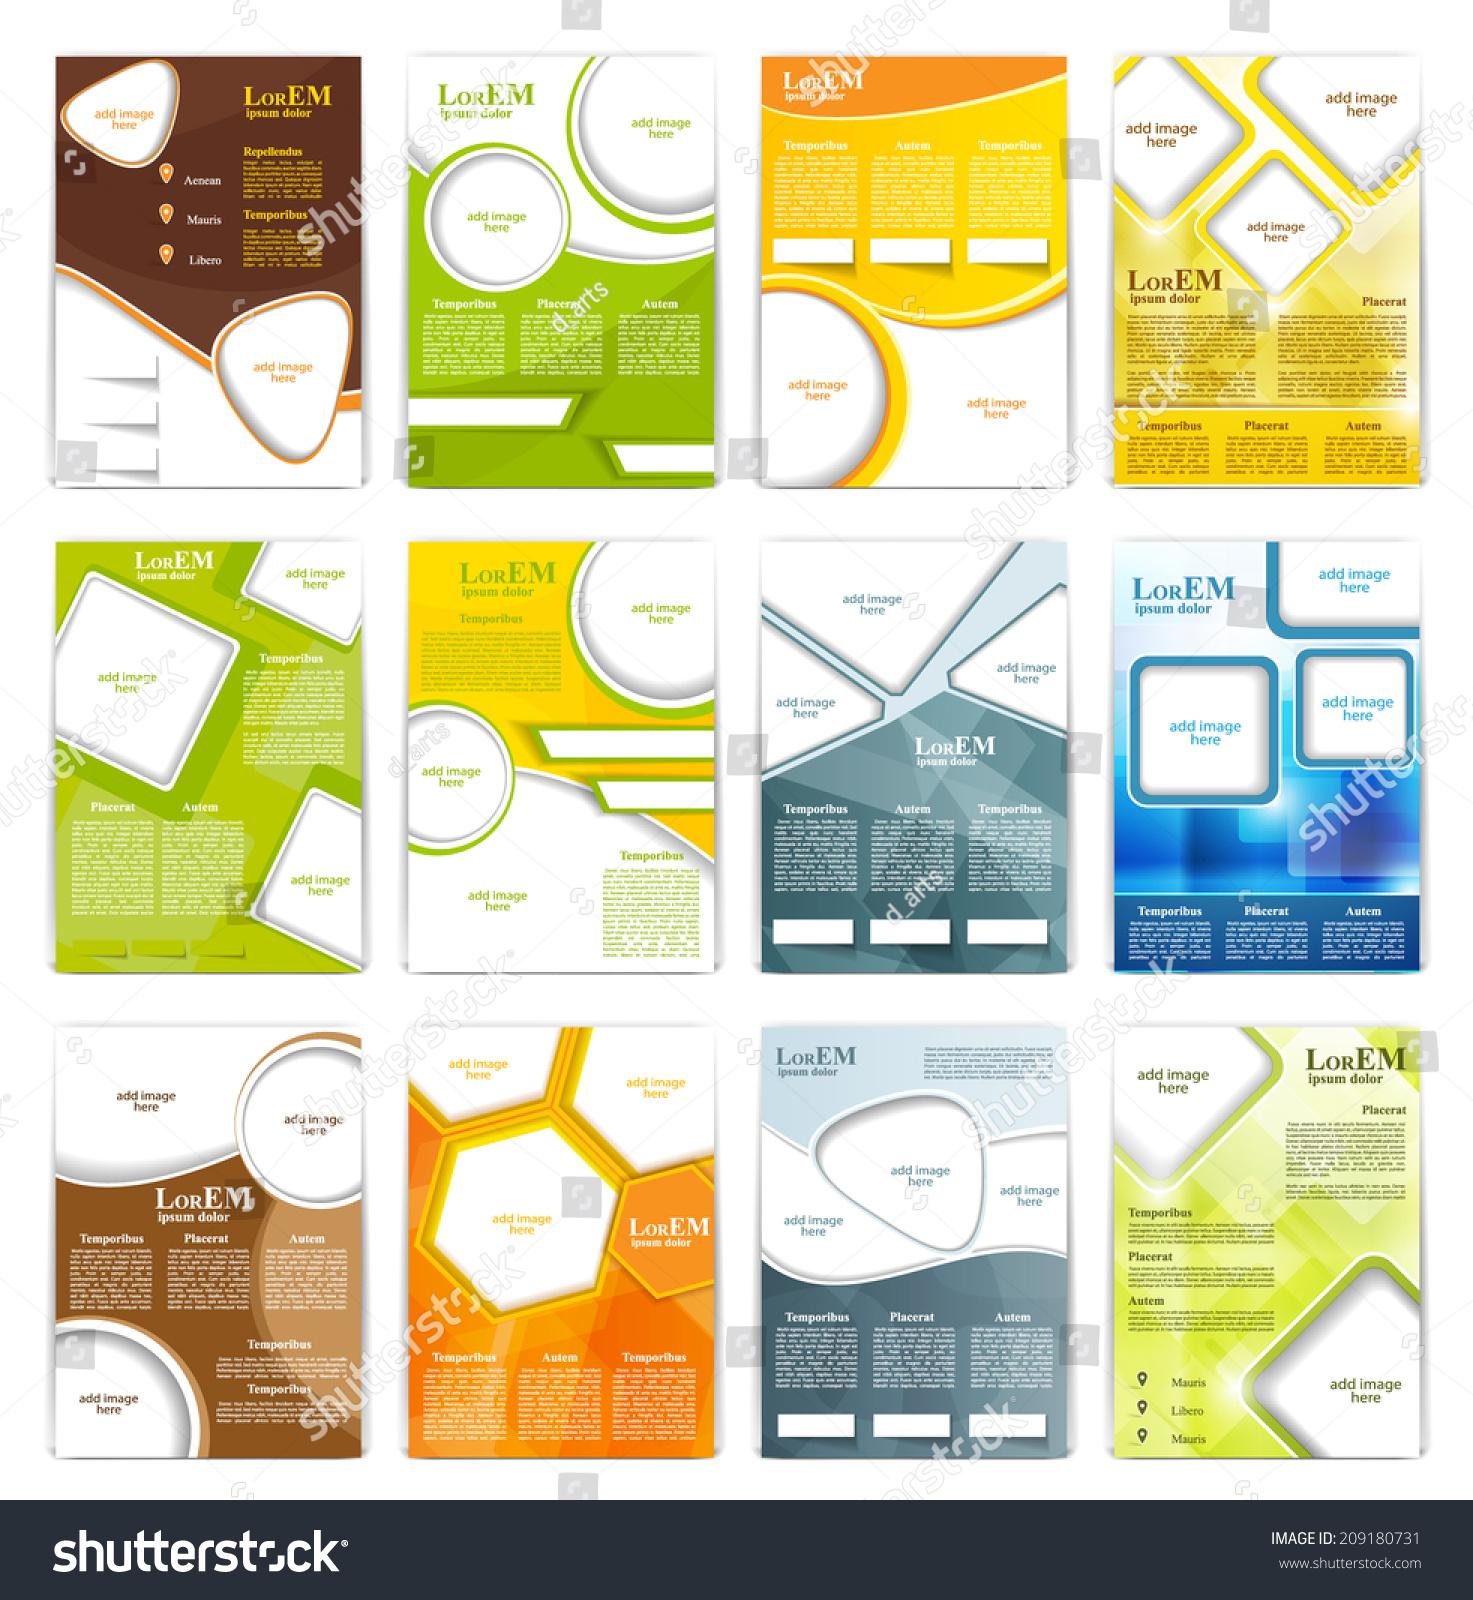 传单,小册子或杂志封面模板-背景/素材,商业/金融-()